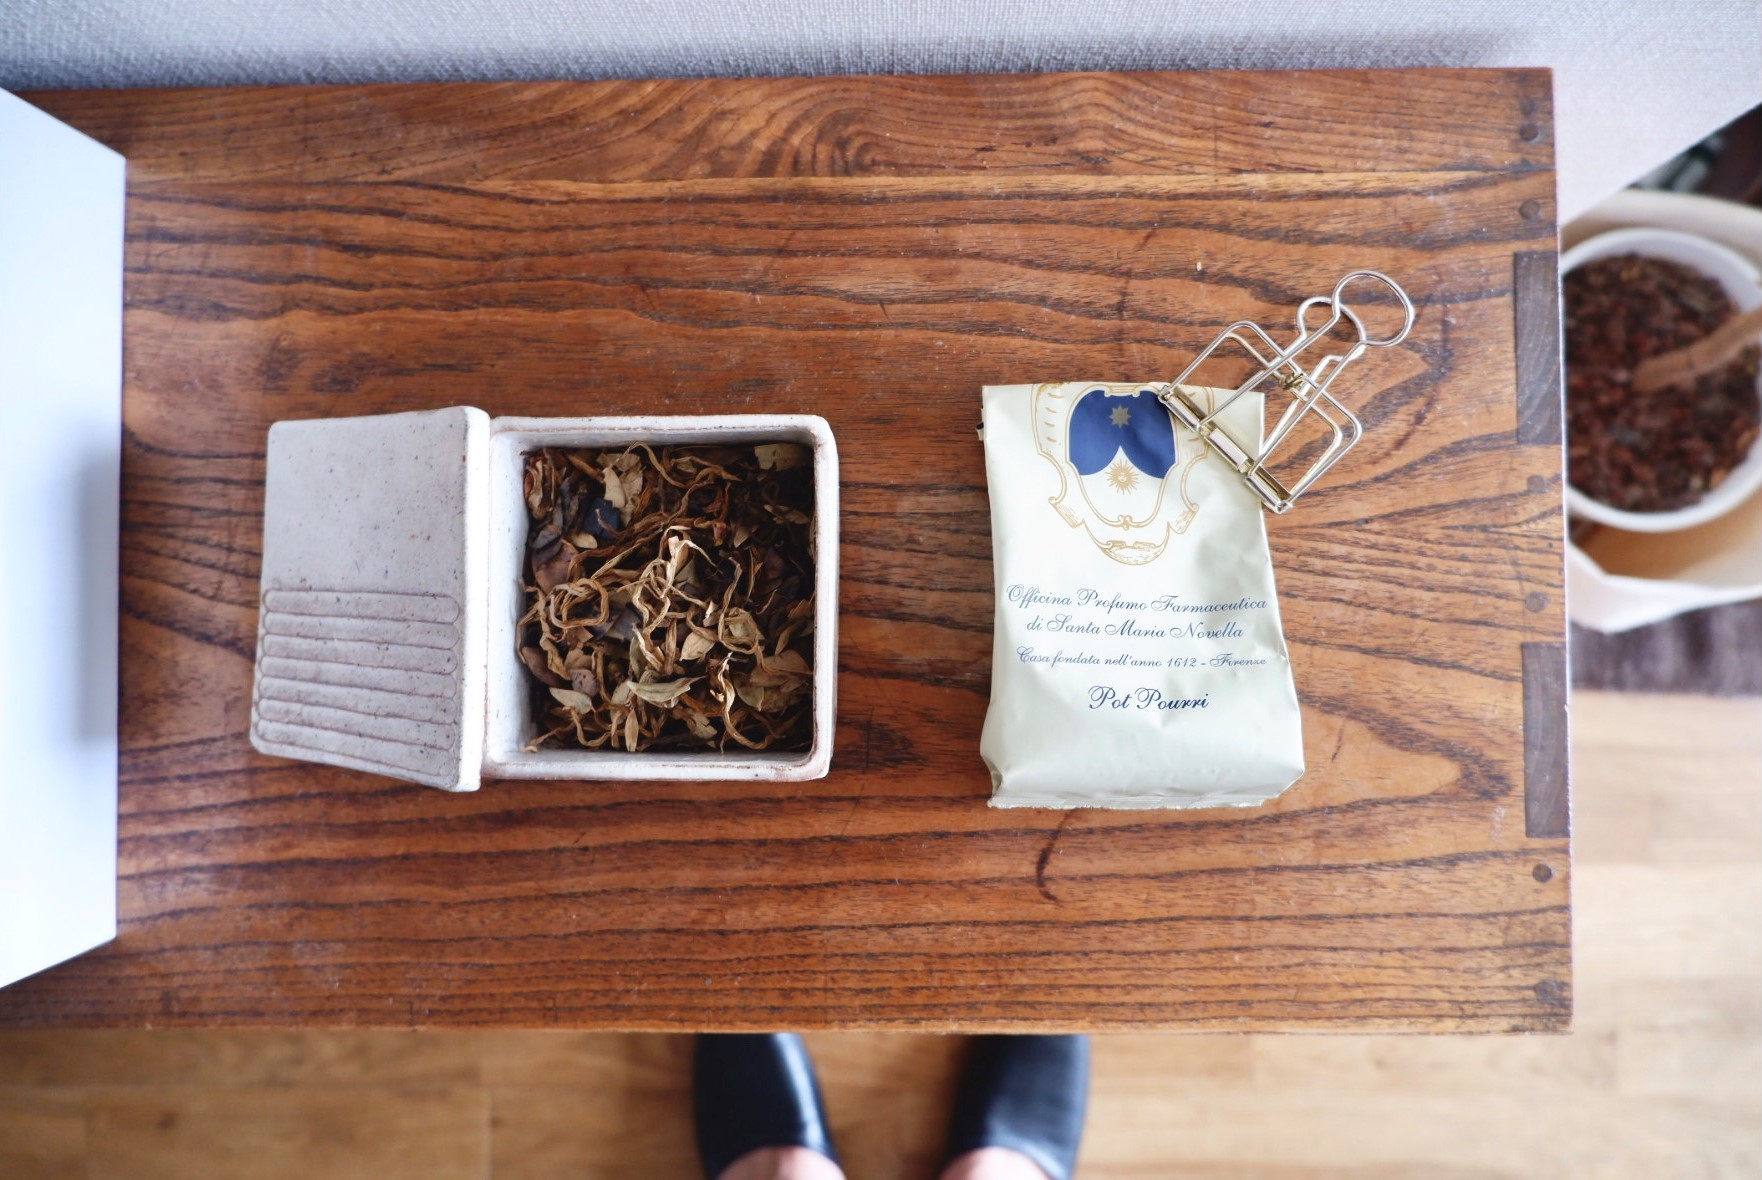 帰宅した時にふわっと感じるポプリの香り。入っている袋もまた飾っておきたくなるデザインです。